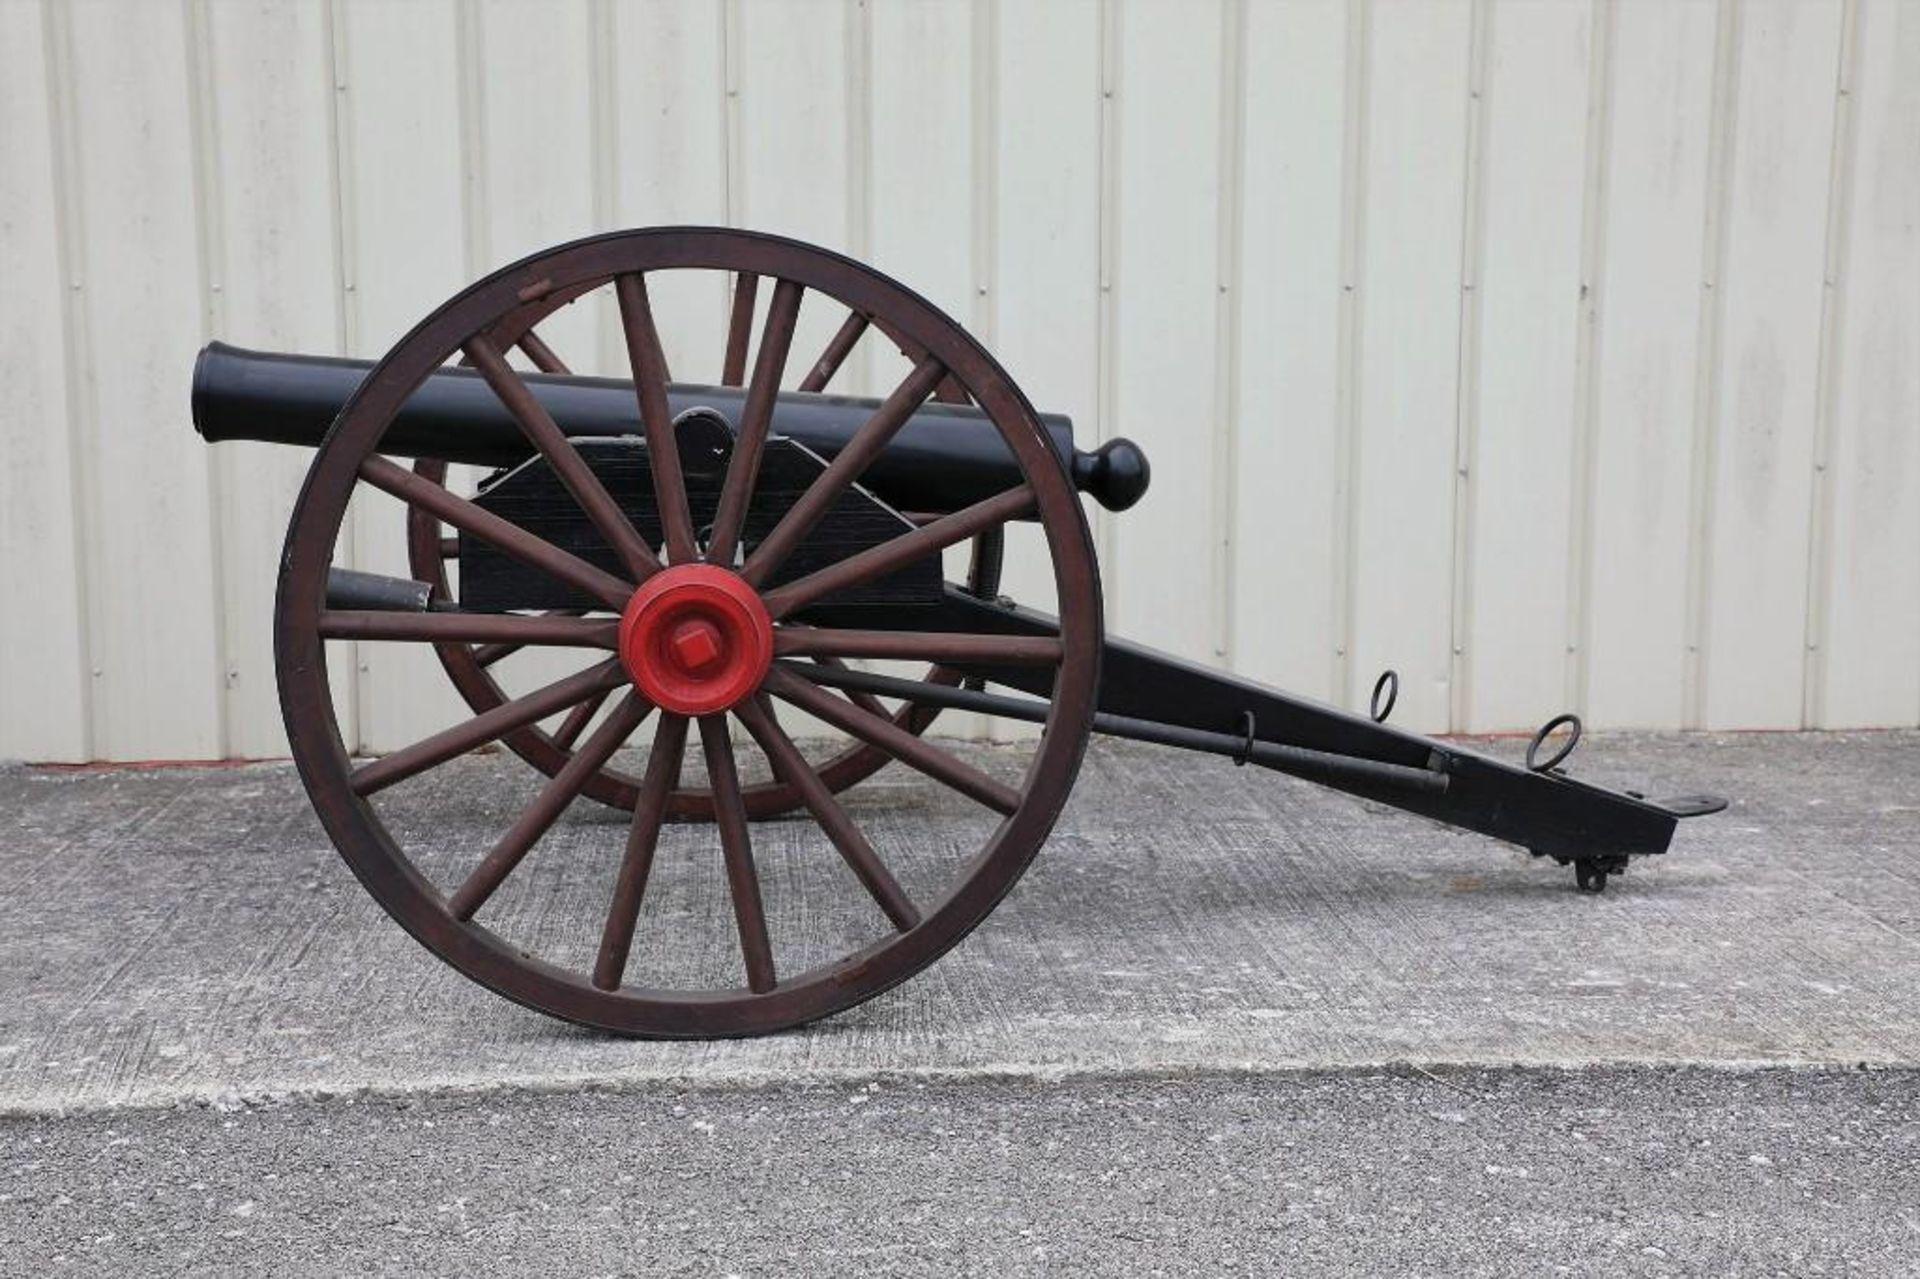 Replica Cannon - Image 2 of 3